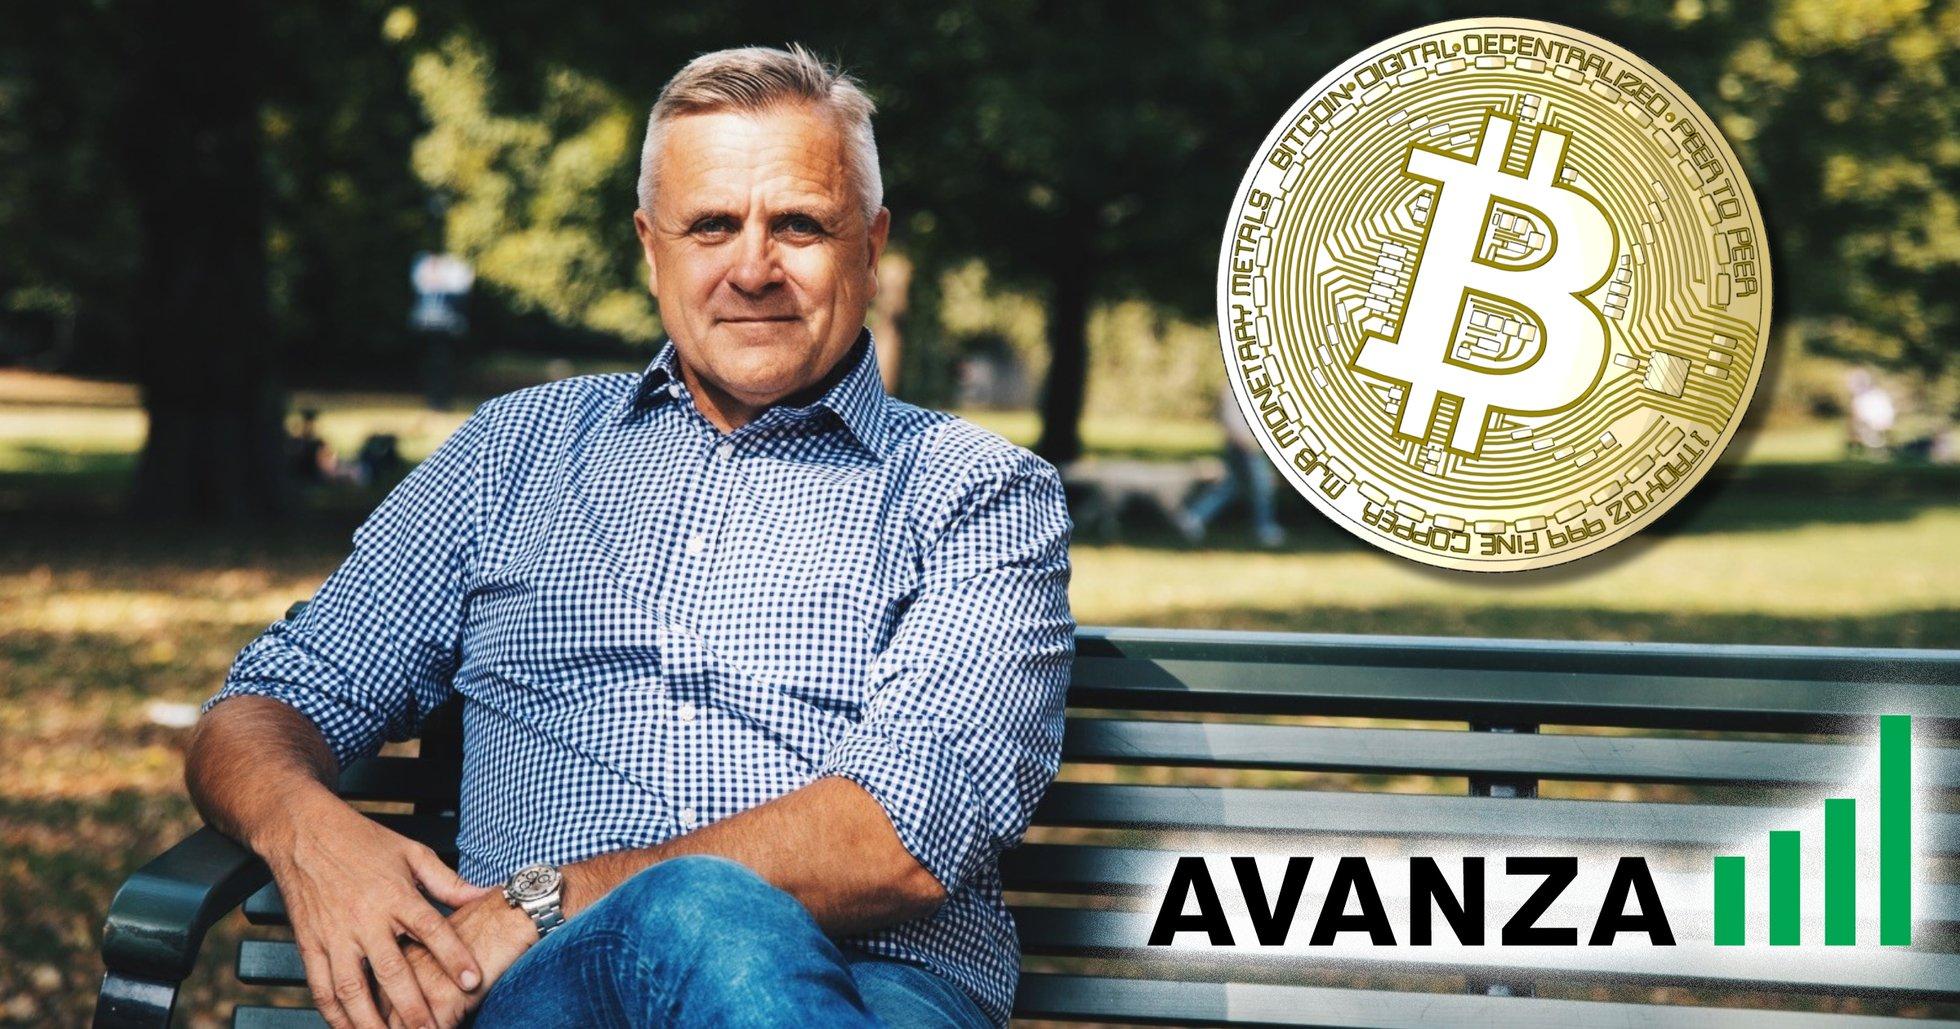 Avanzas vd: Bitcoin går inte längre att negligera som tillgång